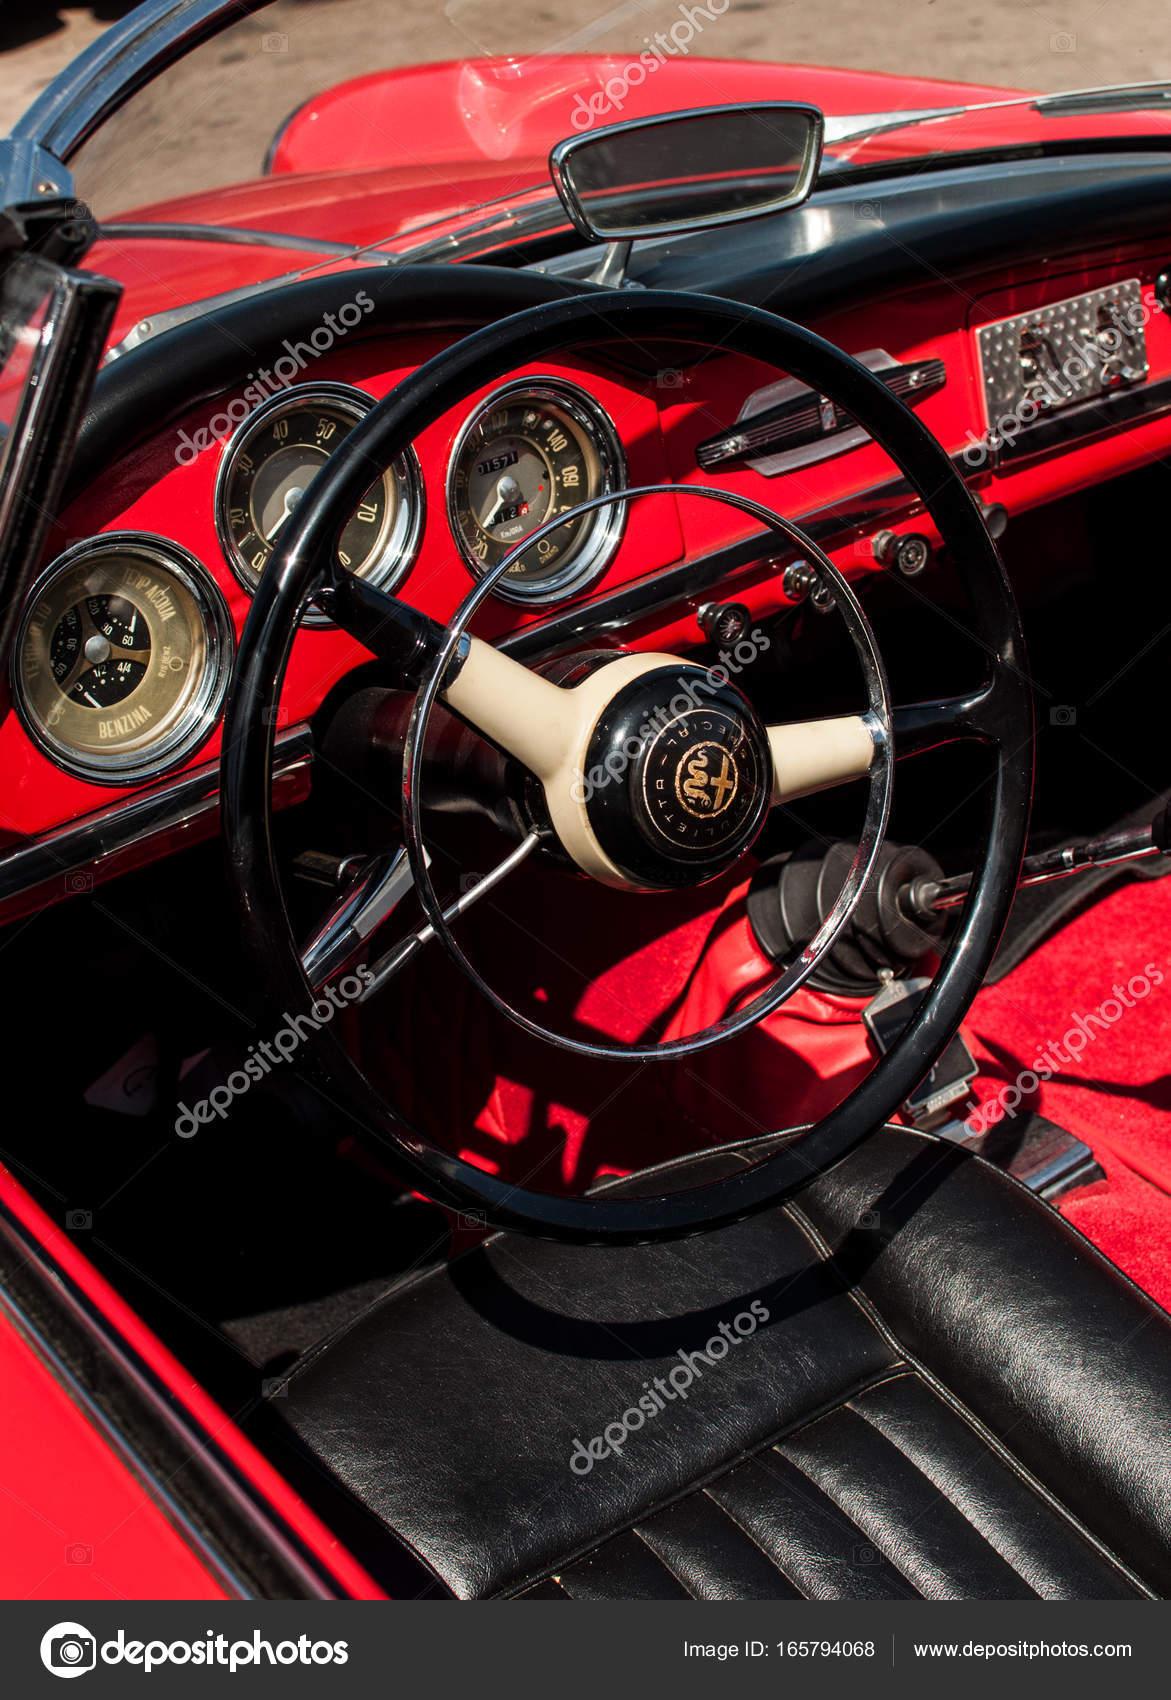 Alfa Romeo Giulietta Spider 1600 1964 Zdjęcie stockowe editorial